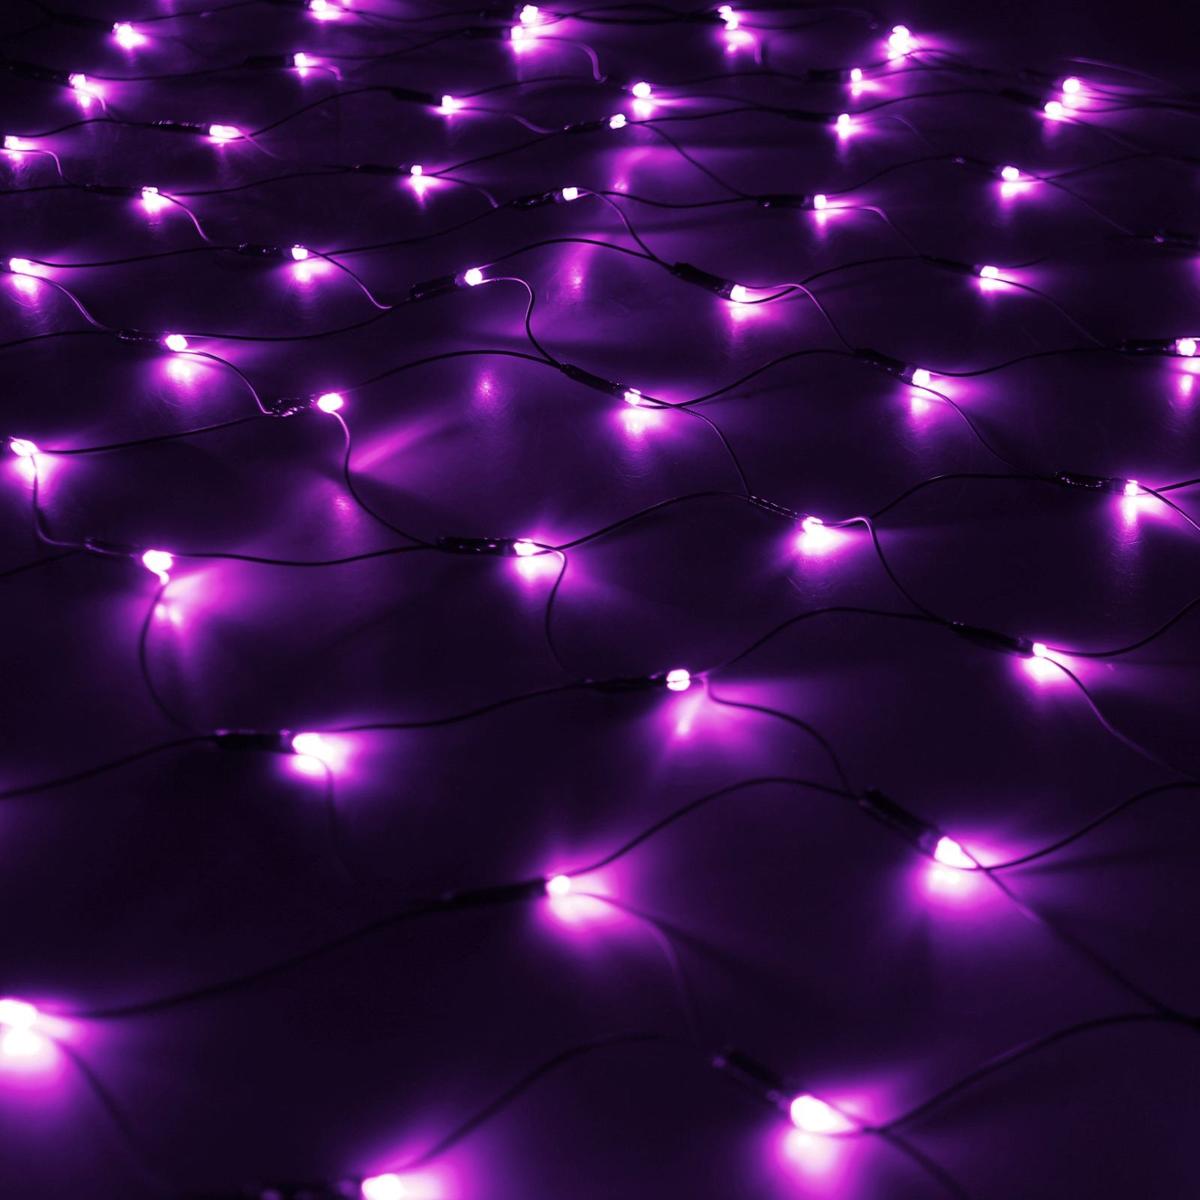 Гирлянда Luazon Сетка, длина 0,9 м, LED 120 ламп, 220V, цвет: фиолетовый. 187215187215Светодиодные гирлянды, ленты и т.д — это отличный вариант для новогоднего оформления интерьера или фасада. С их помощью помещение любого размера можно превратить в праздничный зал, а внешние элементы зданий, украшенные ими, мгновенно станут напоминать очертания сказочного дворца. Такие украшения создают ауру предвкушения чуда. Деревья, фасады, витрины, окна и арки будто специально созданы, чтобы вы украсили их светящимися нитями.